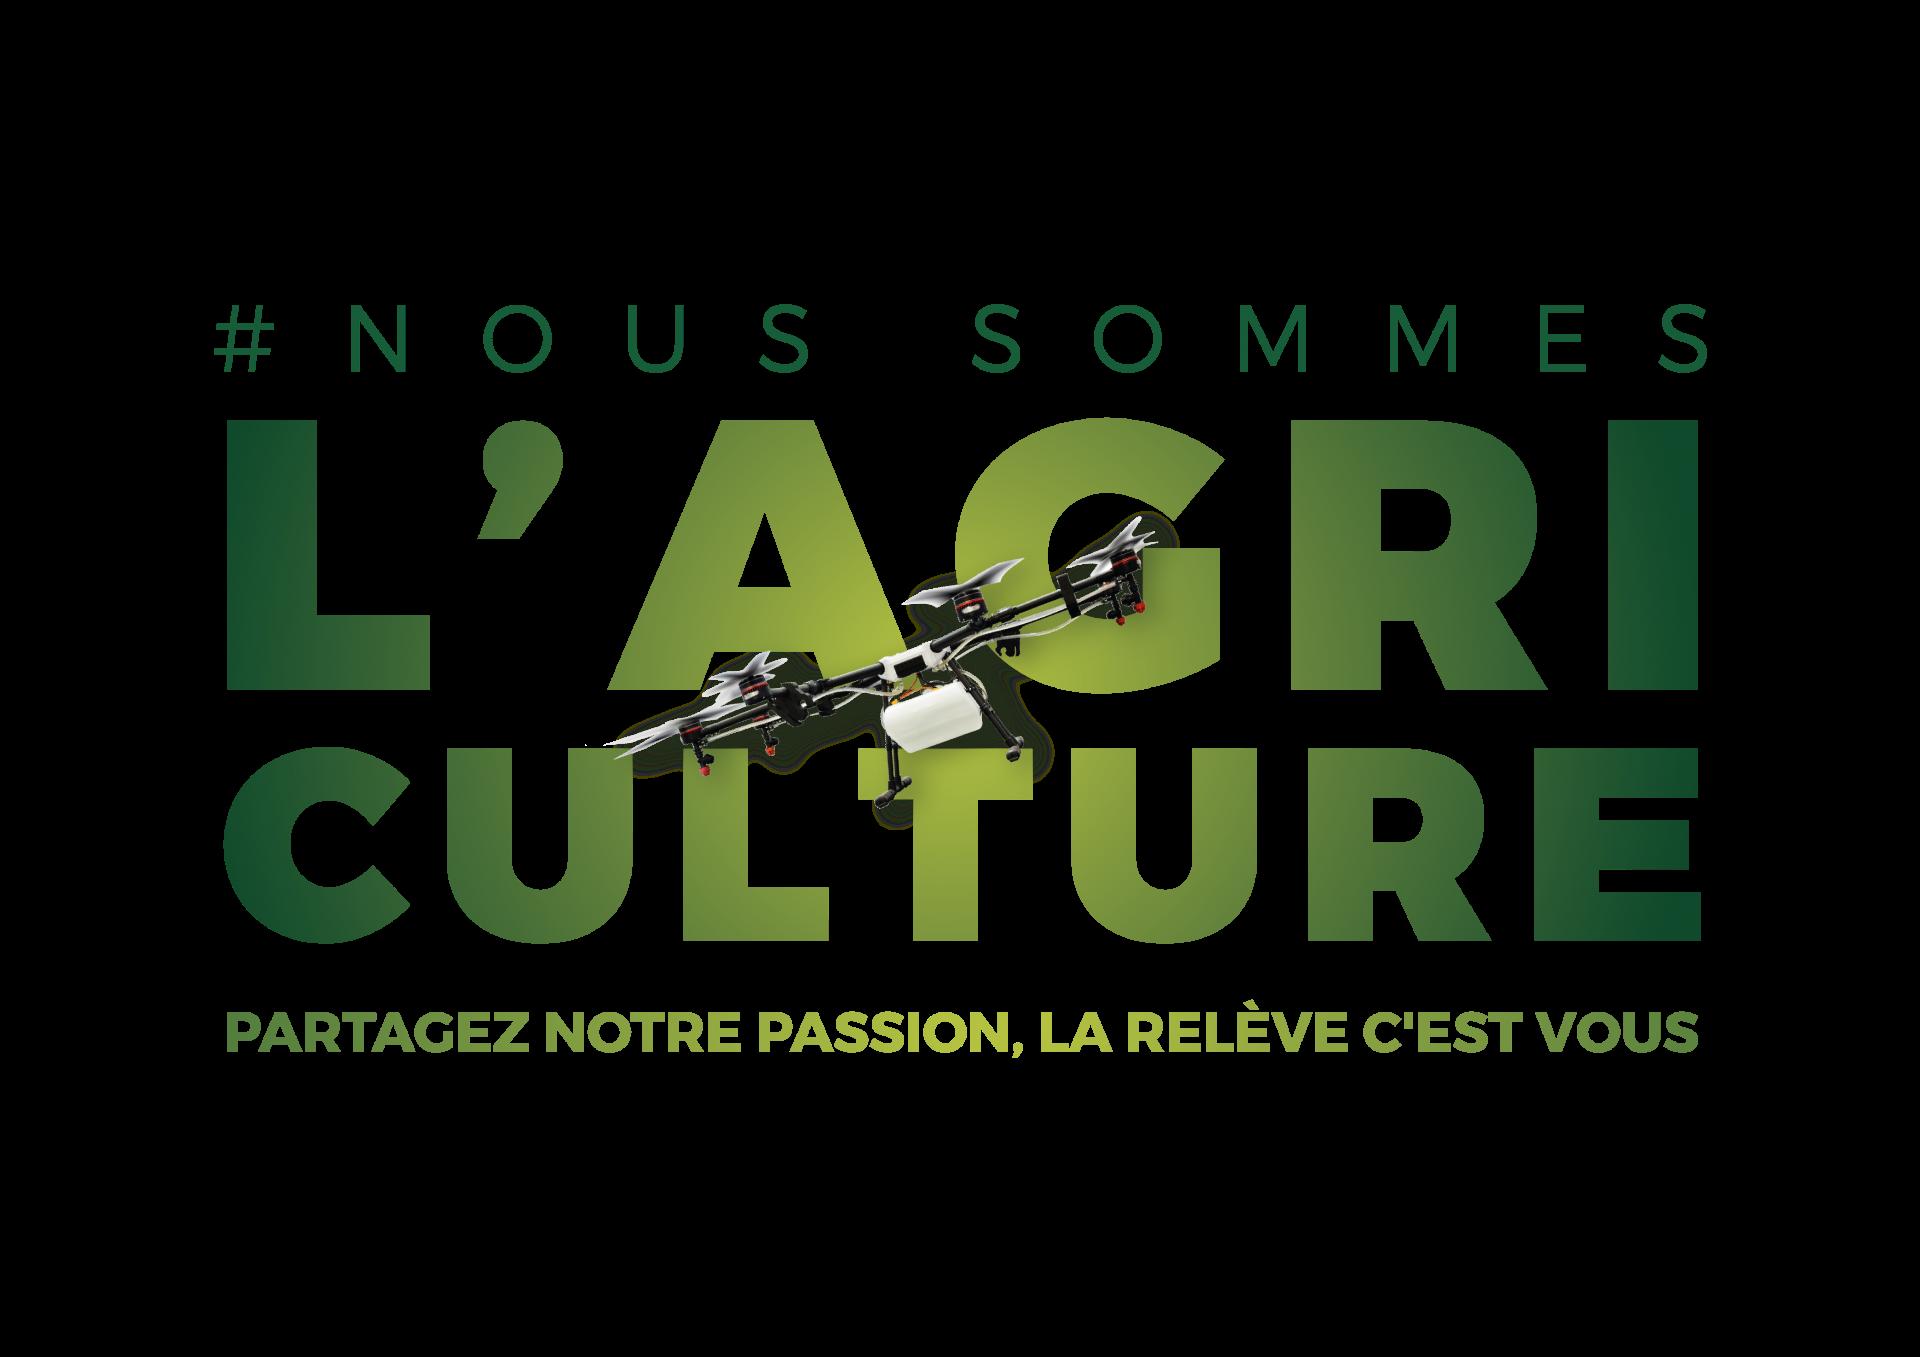 #NOUS SOMMES L'AGRICULTURE